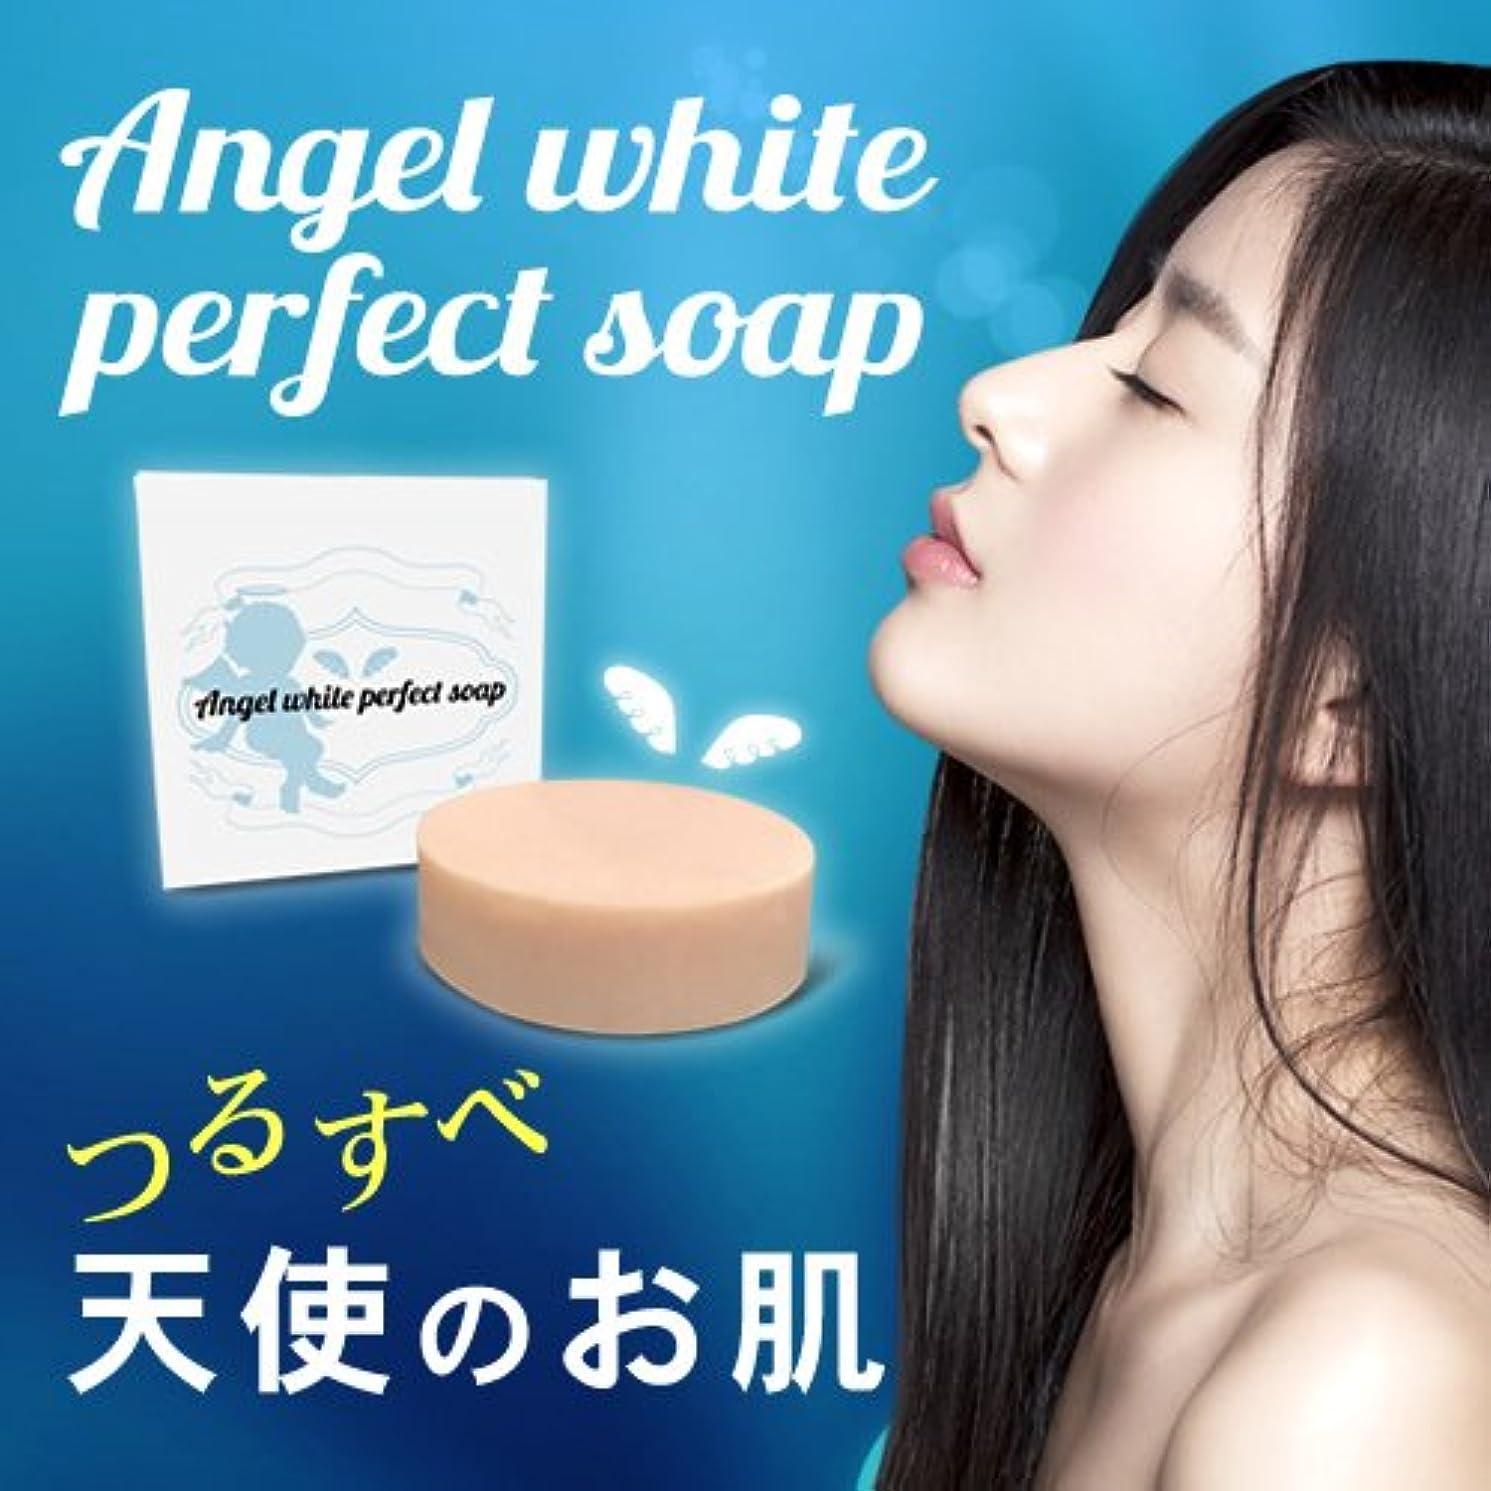 壁紙連続的凍結Angel White Perfect Soap(エンジェルホワイトパーフェクトソープ) 美白 美白石けん 美肌 洗顔石鹸